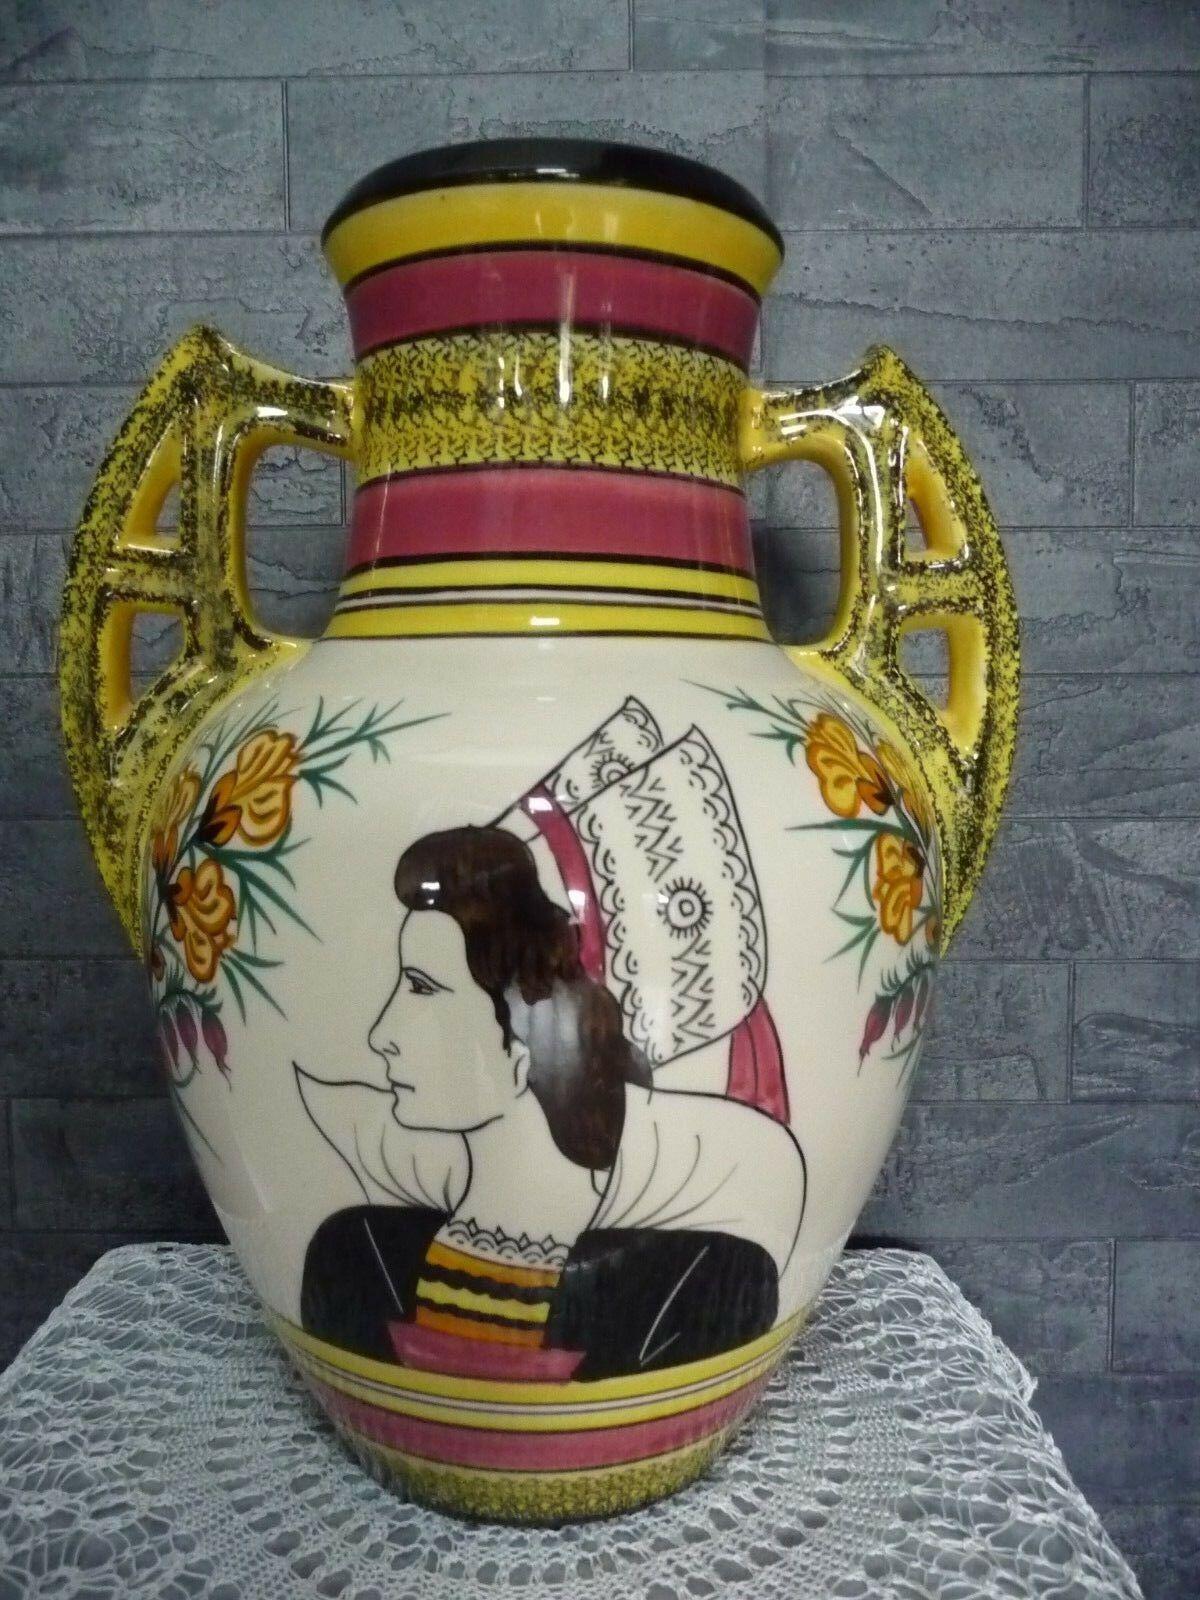 Grand Vase En Faience Henriot Quimper France La Bretonne Eur 38 00 Tres Grand Vase En Faience De Quimper Henrio Faience De Quimper Quimper Decors De Scene